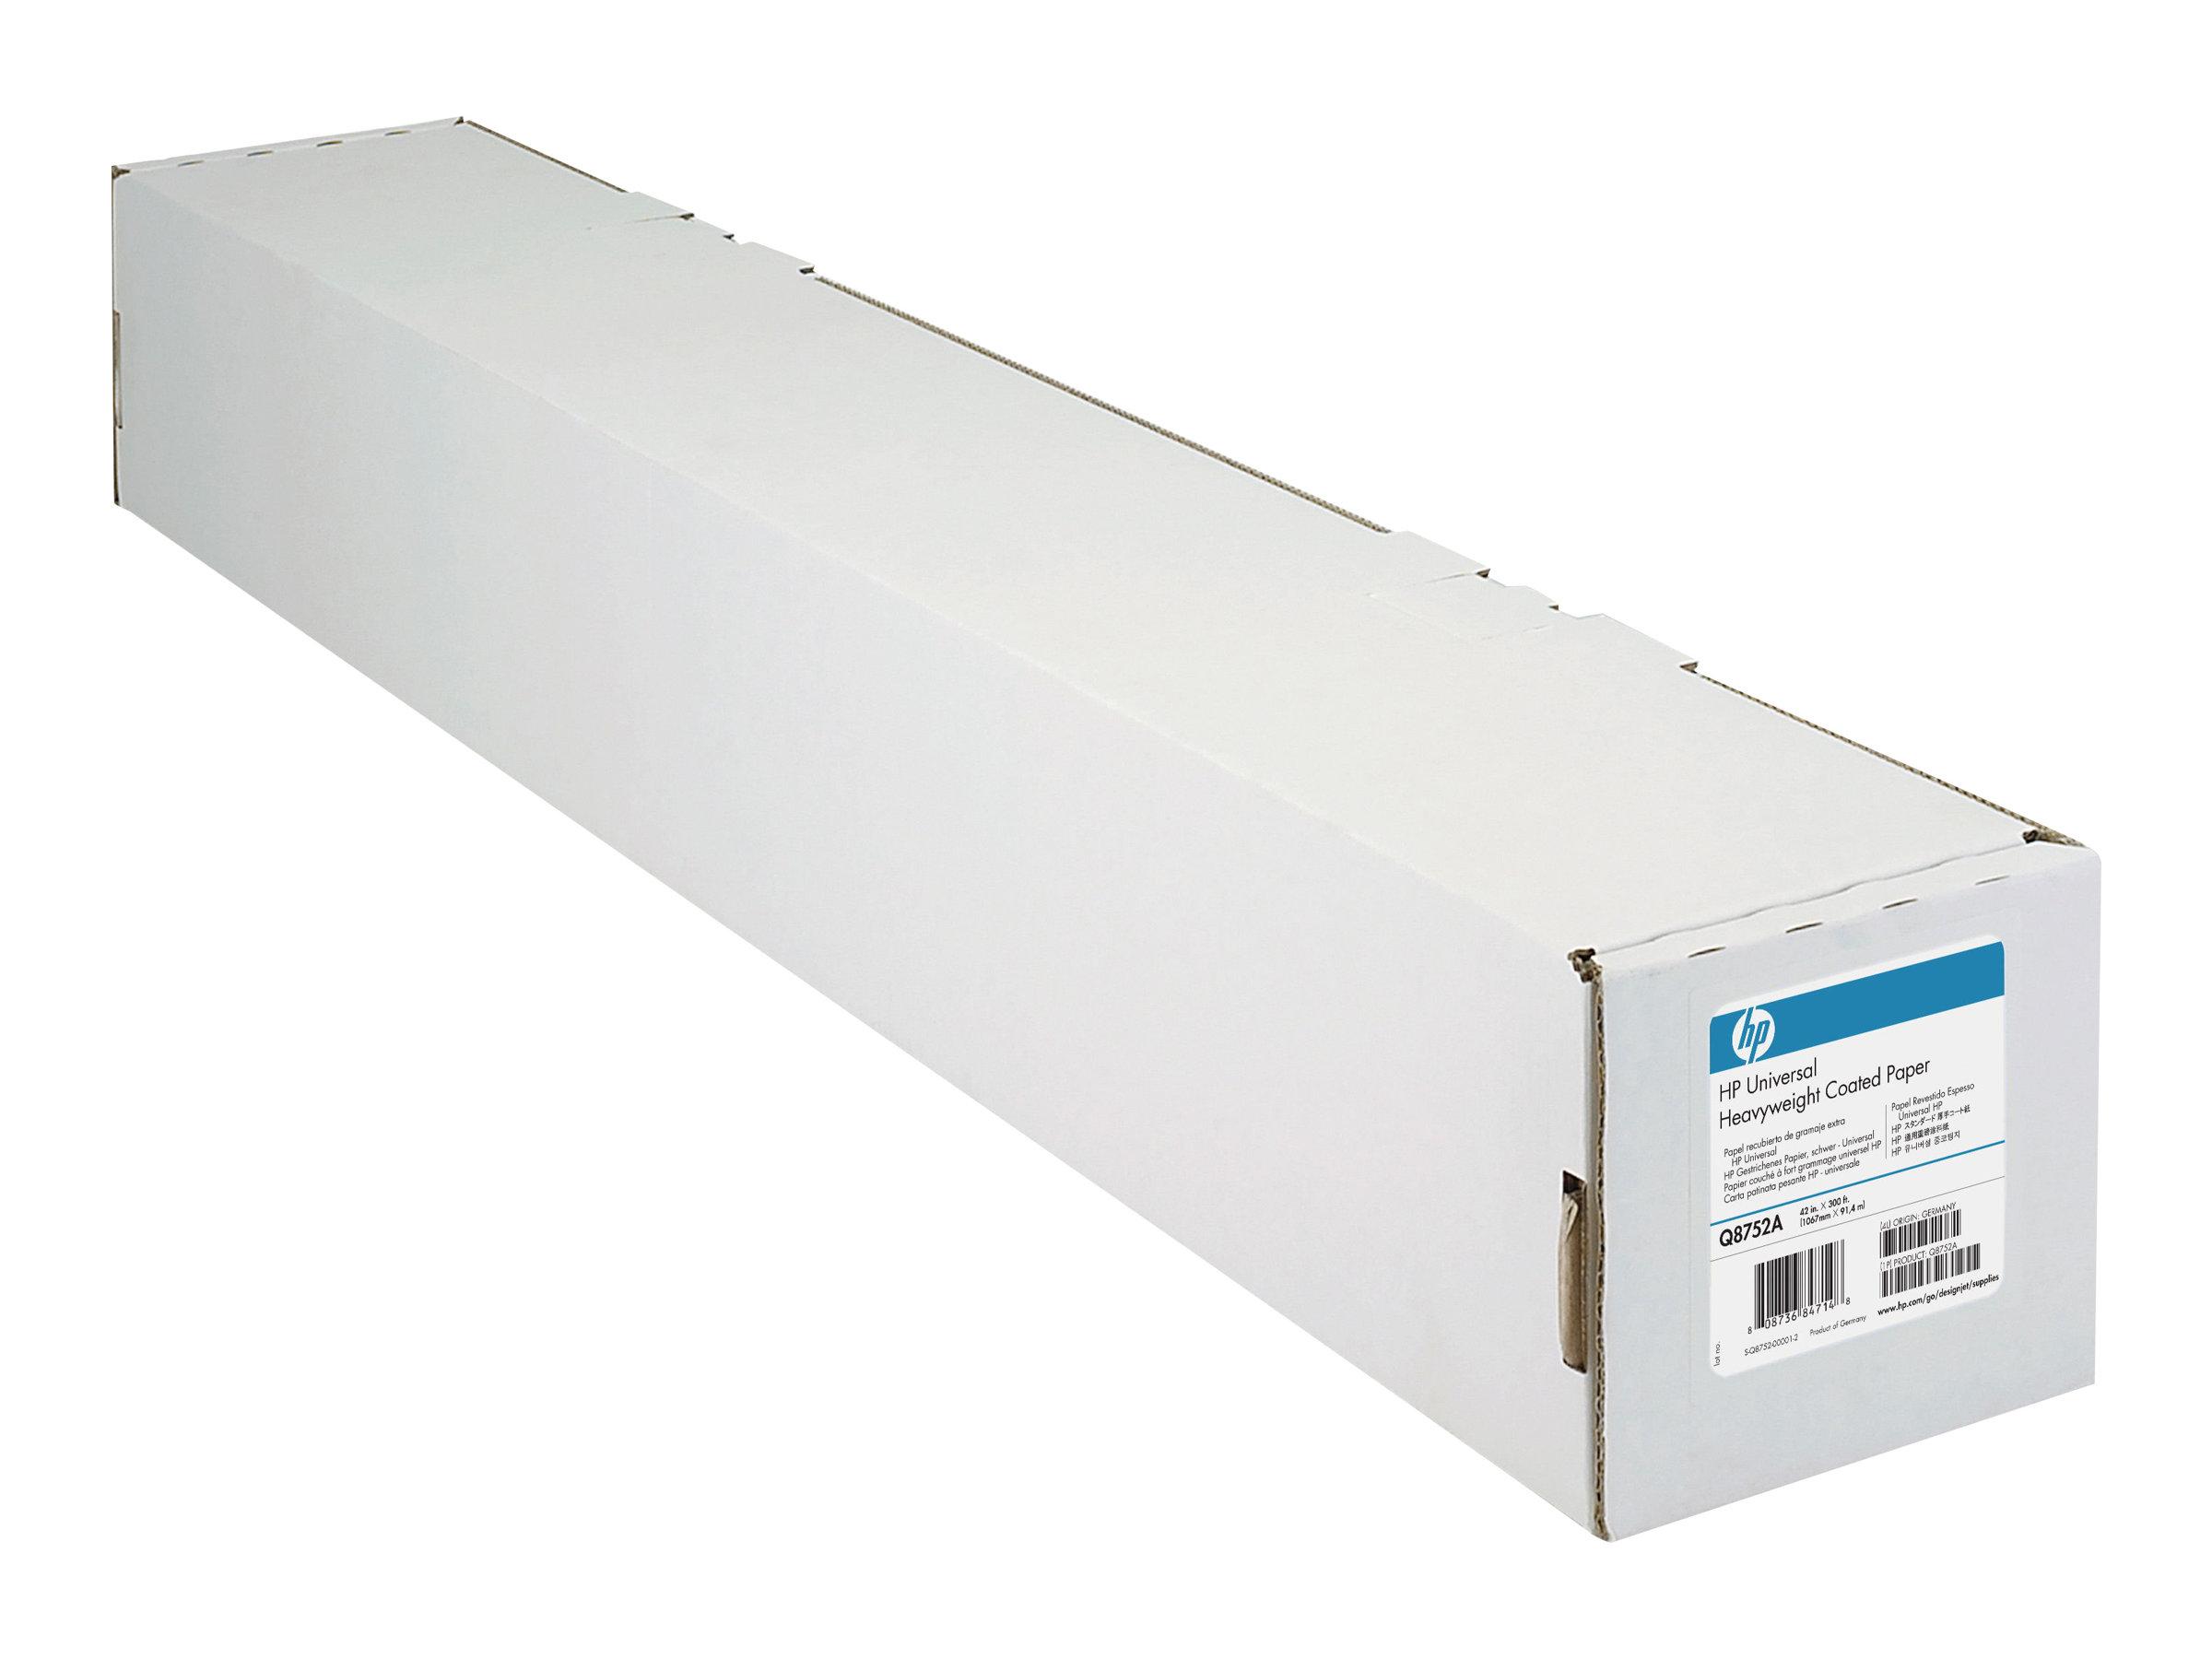 HP Beschichtet - Rolle A1 (59,4 cm x 45,7 m) 1 Rolle(n) Papier